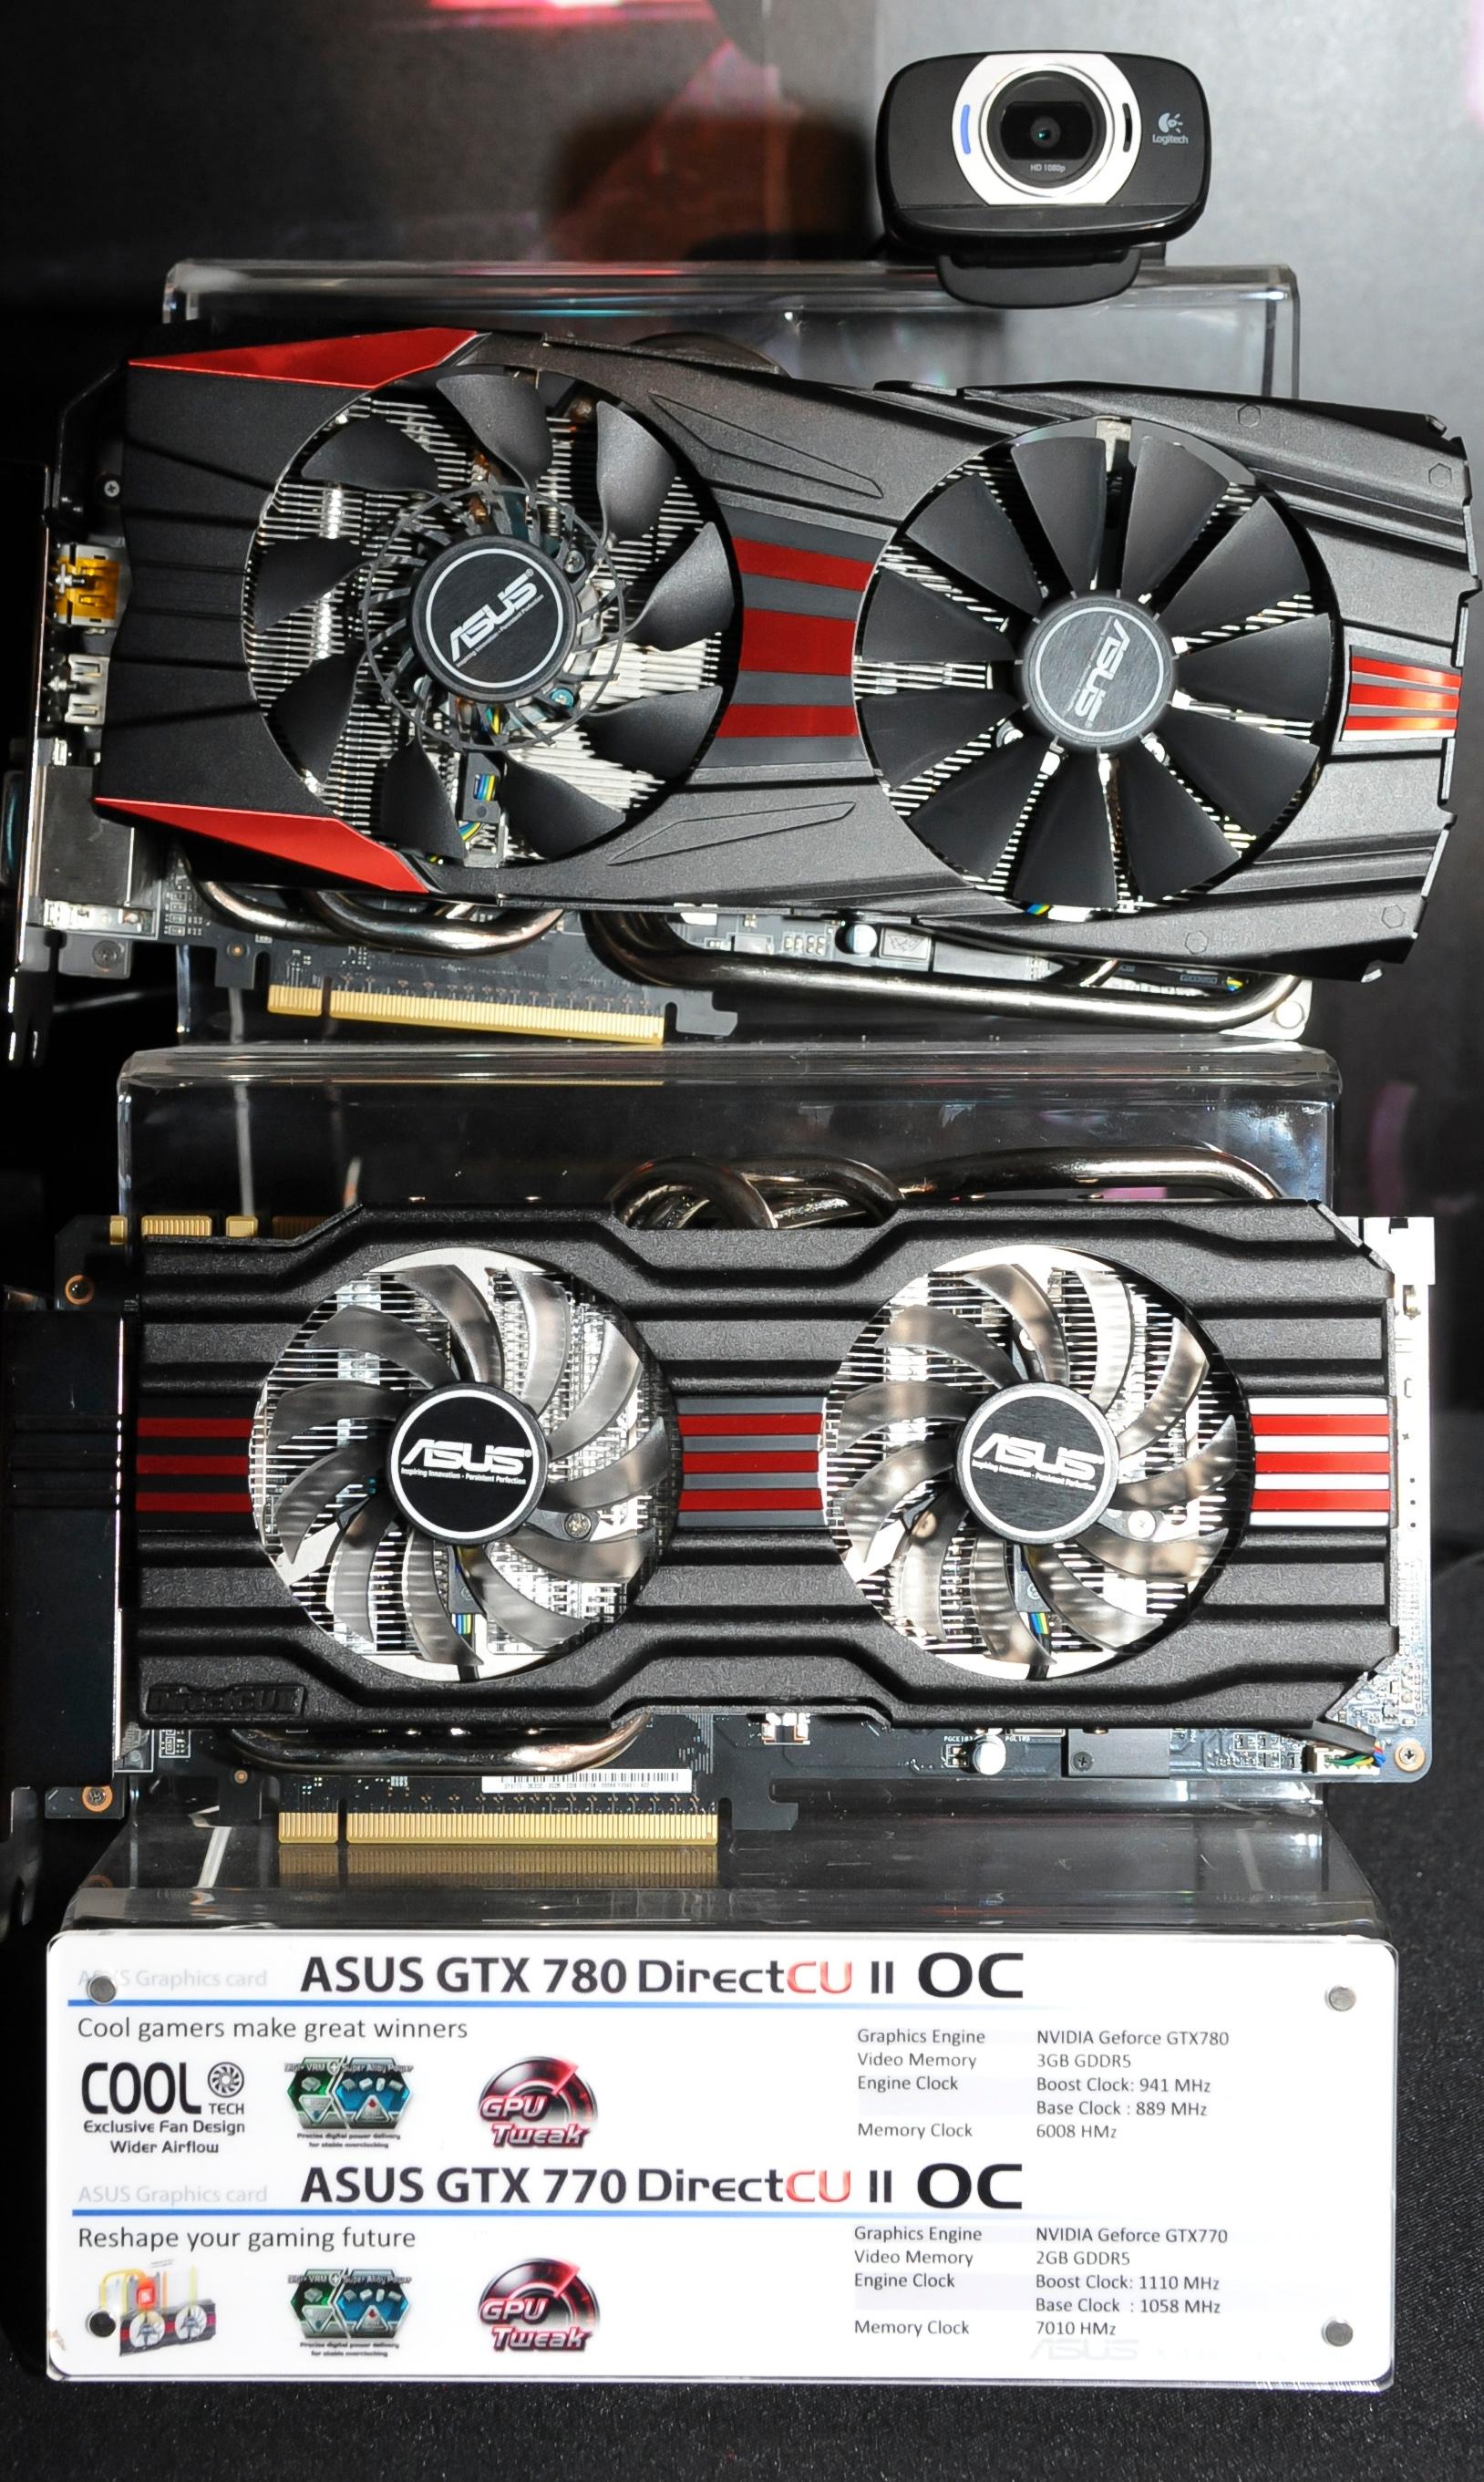 ASUS GTX 780 and GTX 770 DirectCU II